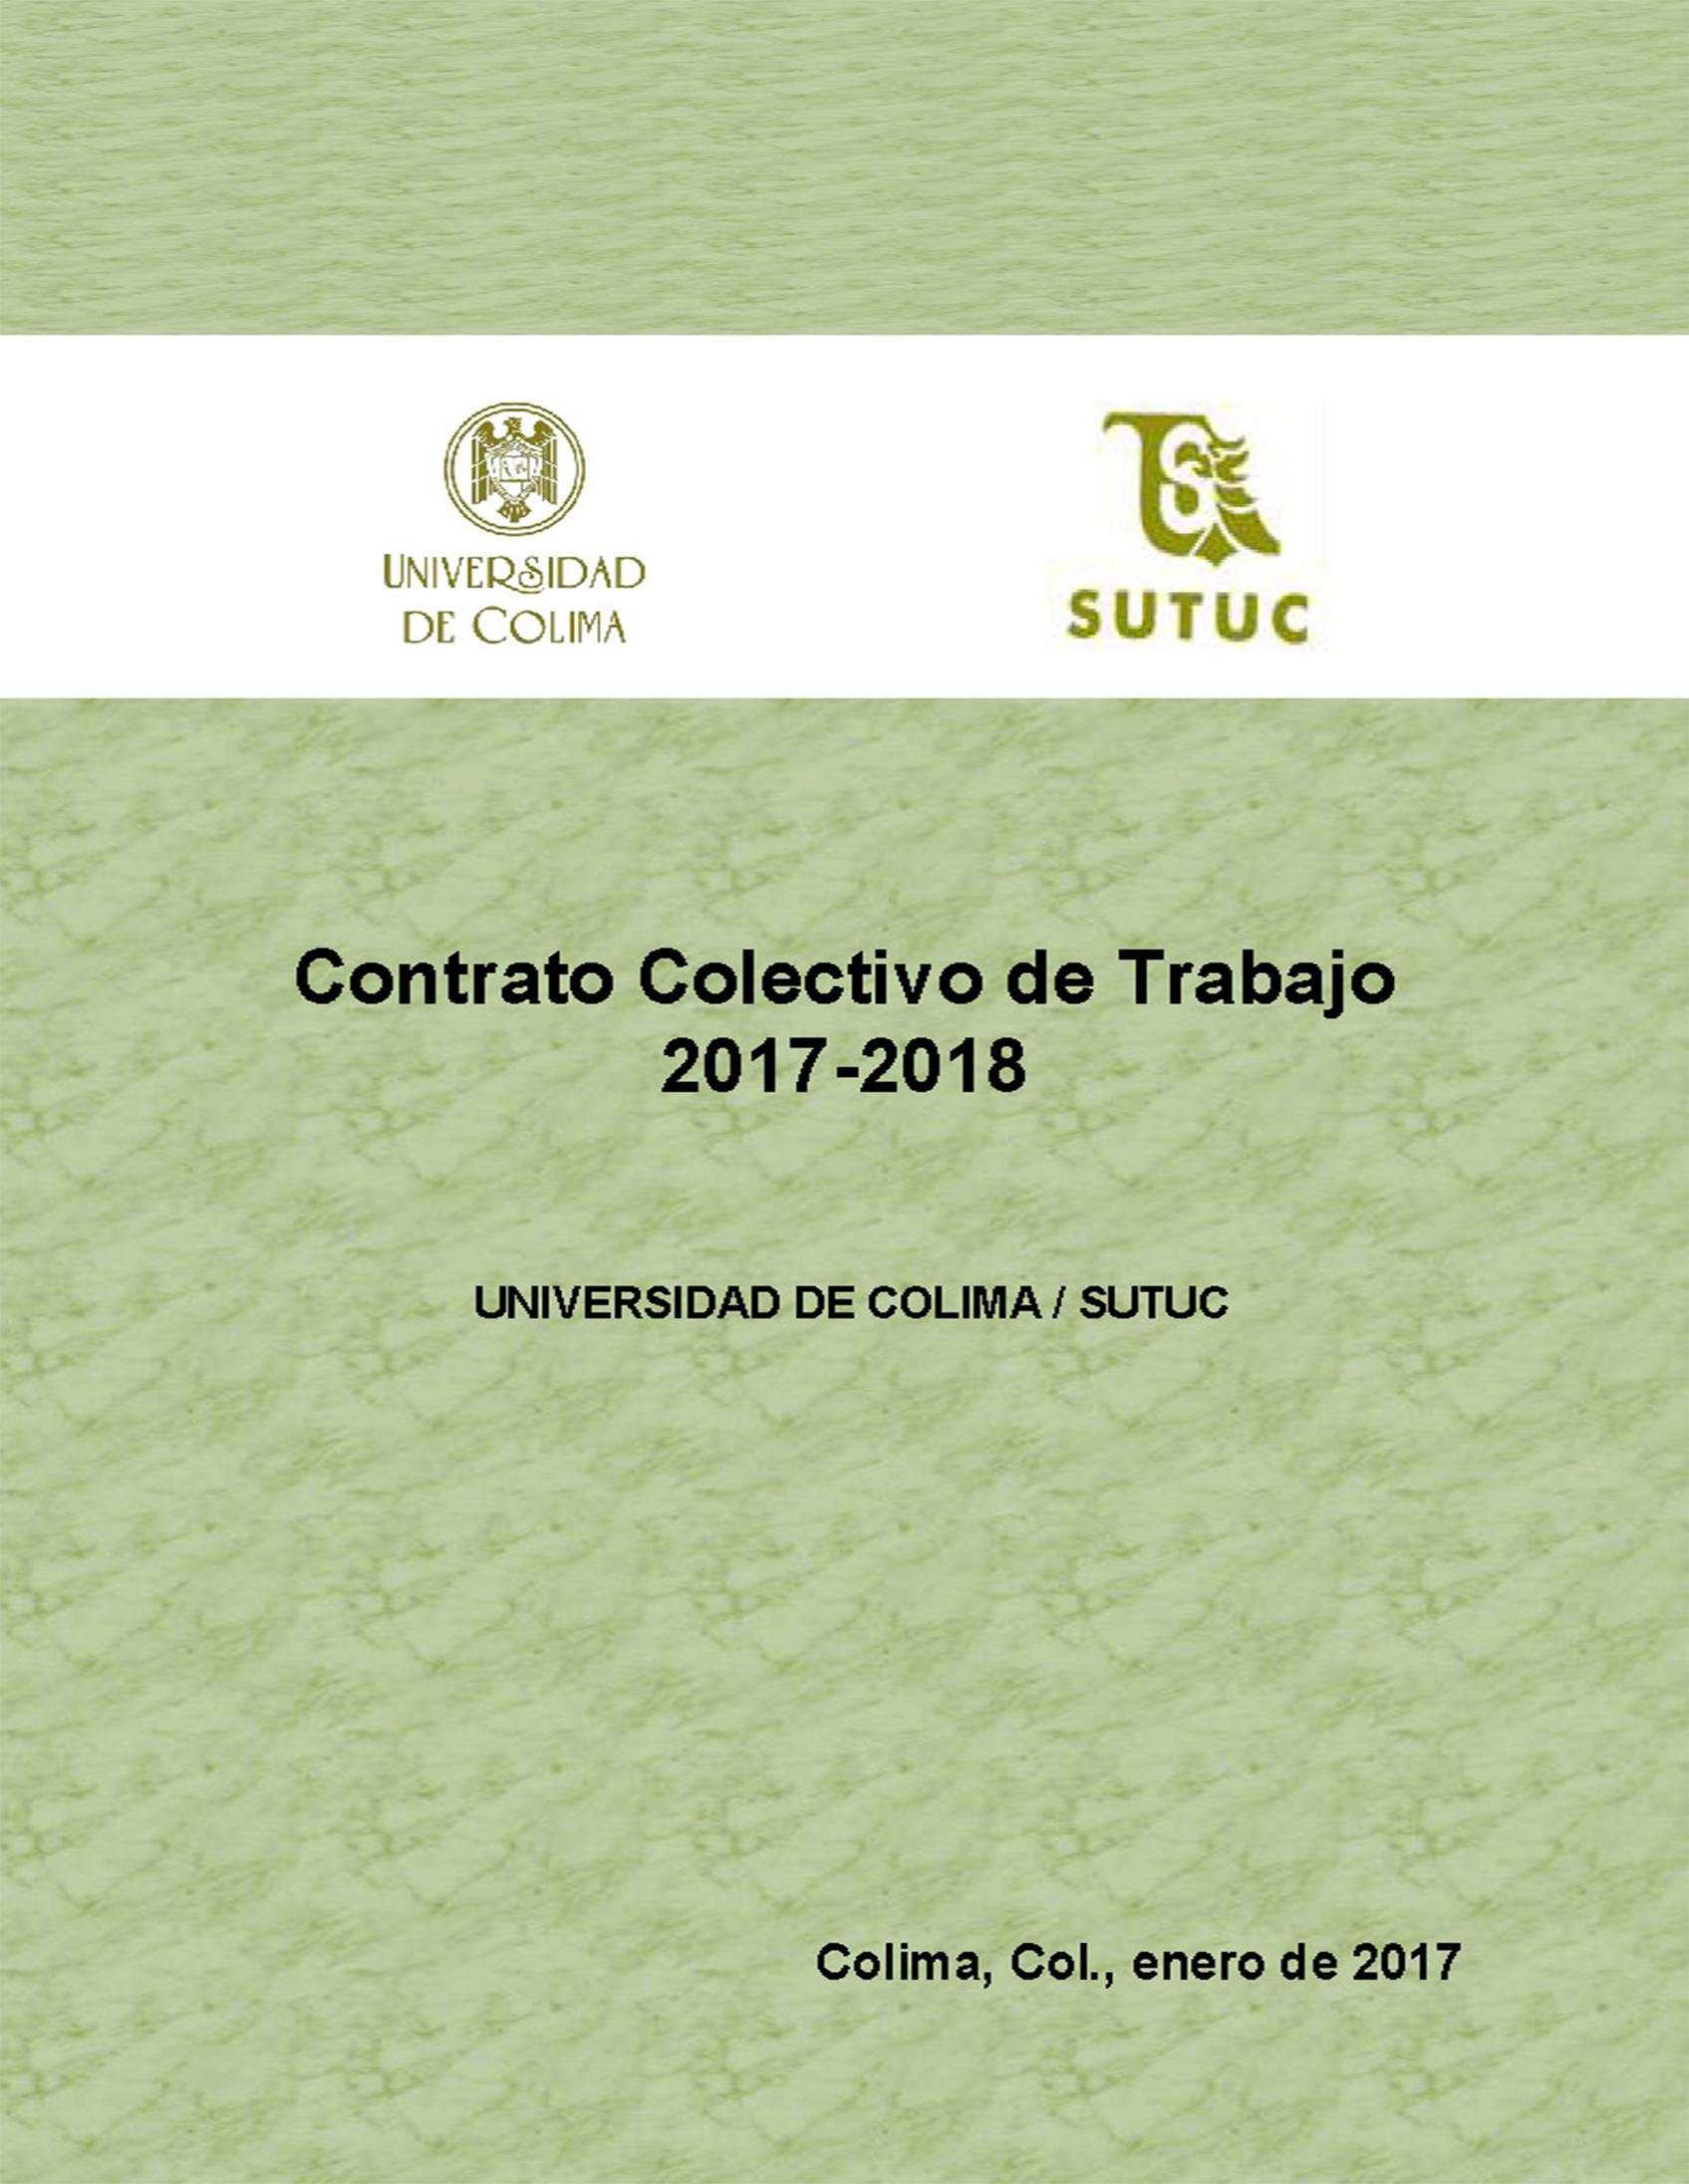 Universidad De Colima Normateca Contratos Colectivos De Trabajo